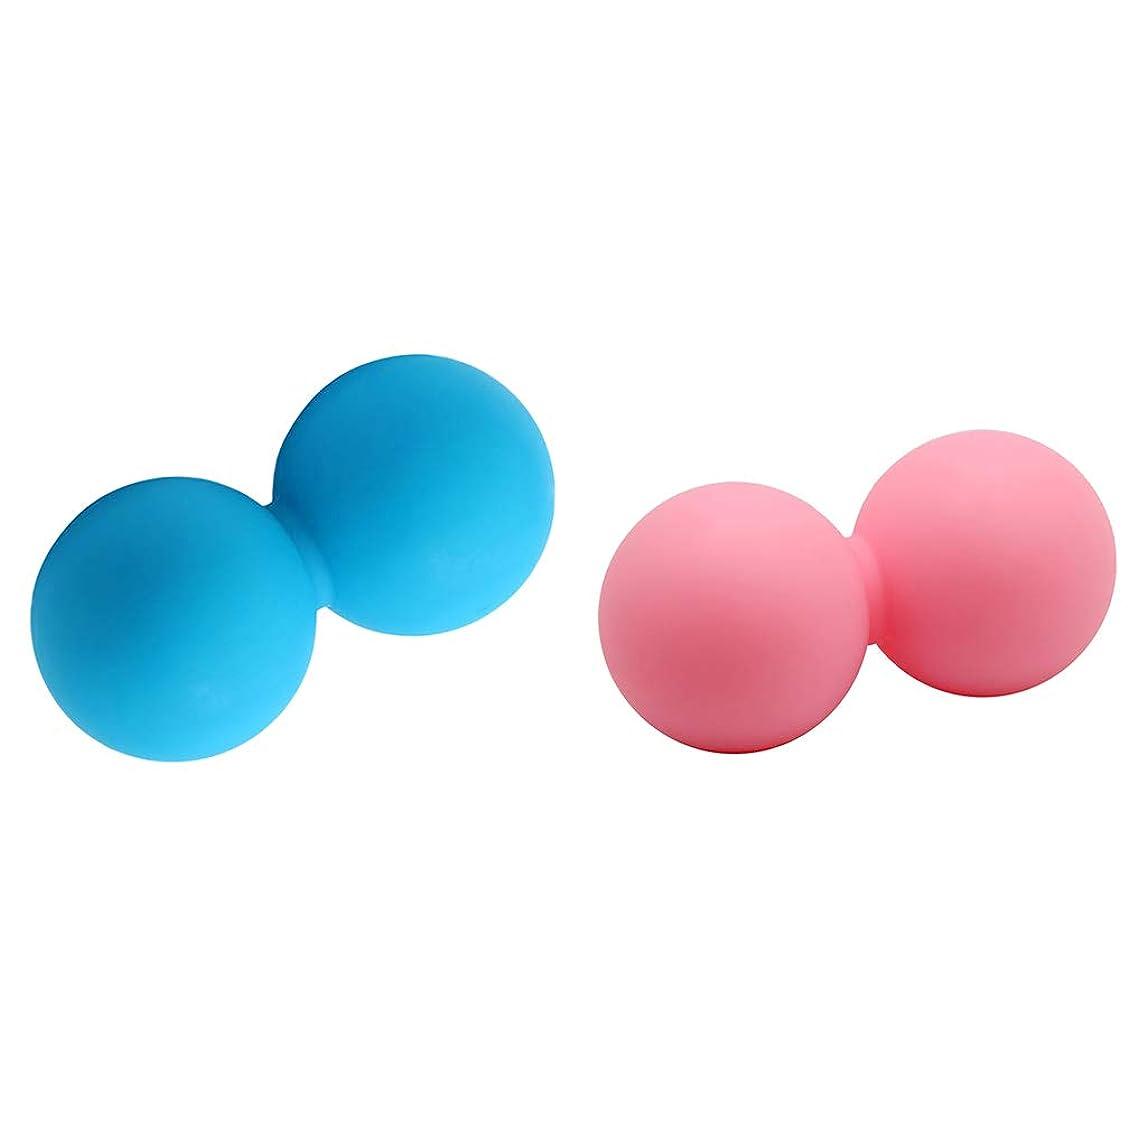 最も早いマインドフル特定のFLAMEER 2個 マッサージボール ピーナッツ ダブルラクロスマッサージボール 筋膜リリース 家庭、オフィス旅行